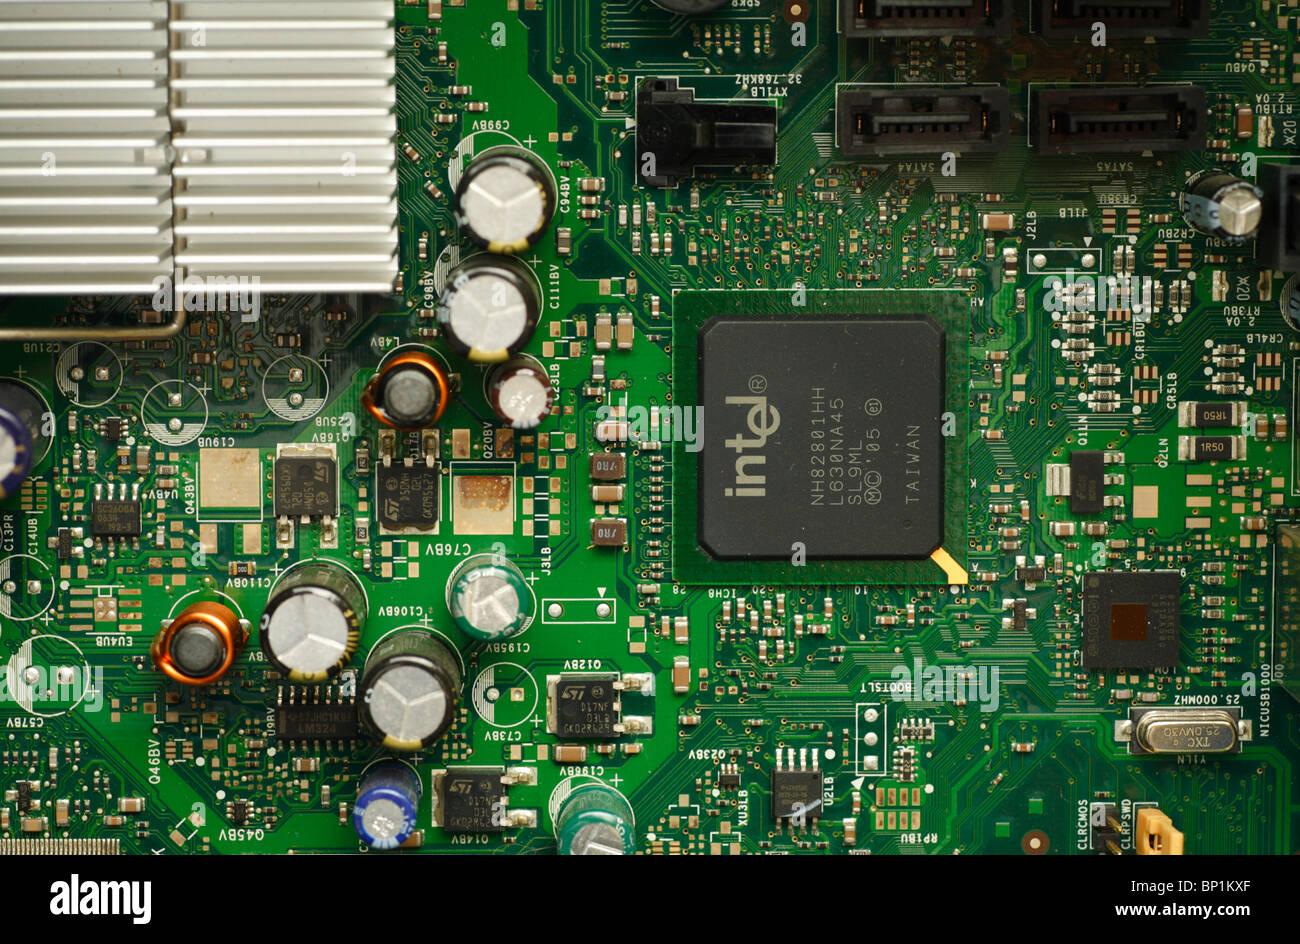 Carte circuits imprim s composants lectroniques l - Interieur d un ordinateur ...